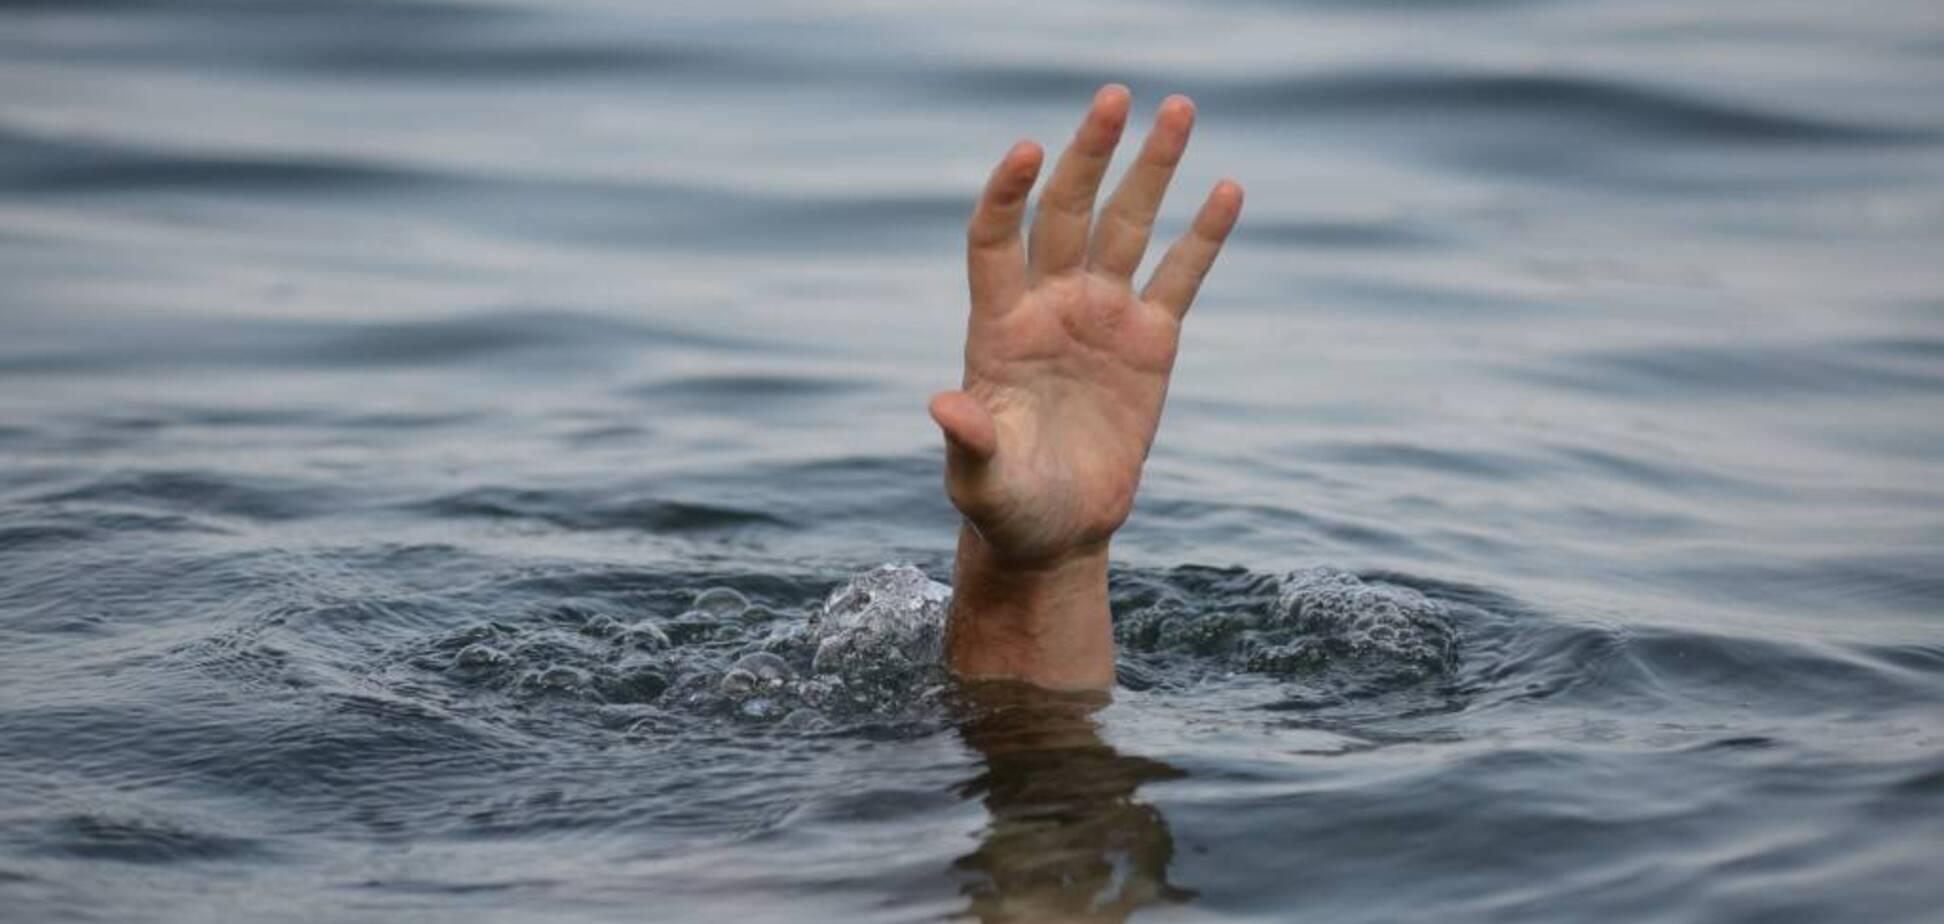 На Днепропетровщине из реки выловили тело женщины. Фото 18+